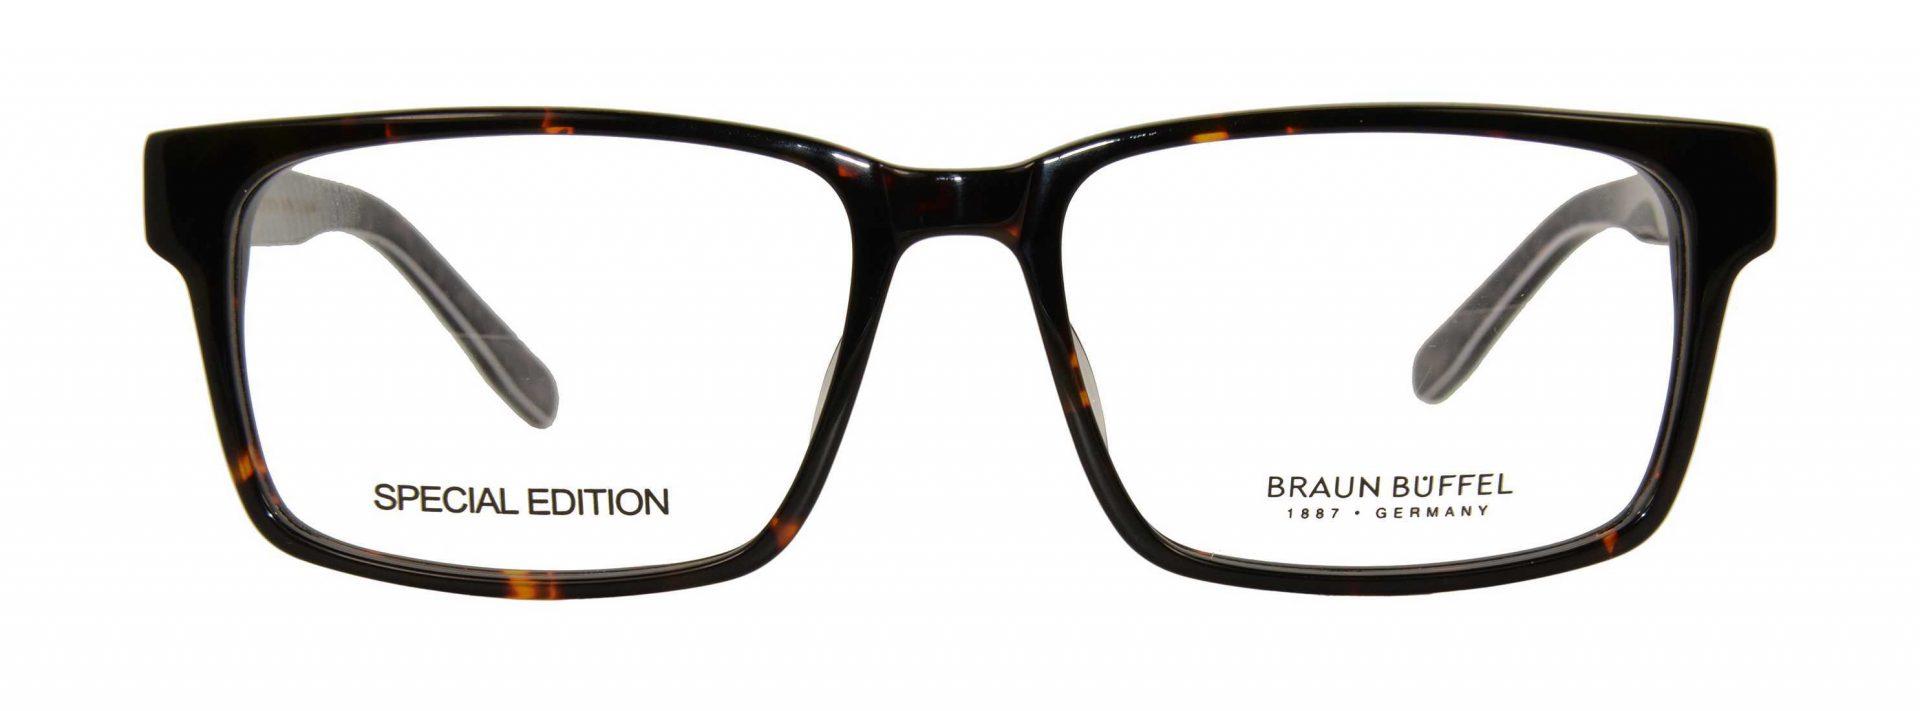 Braun Buffel spectacles 15210 713 01 2970x1100